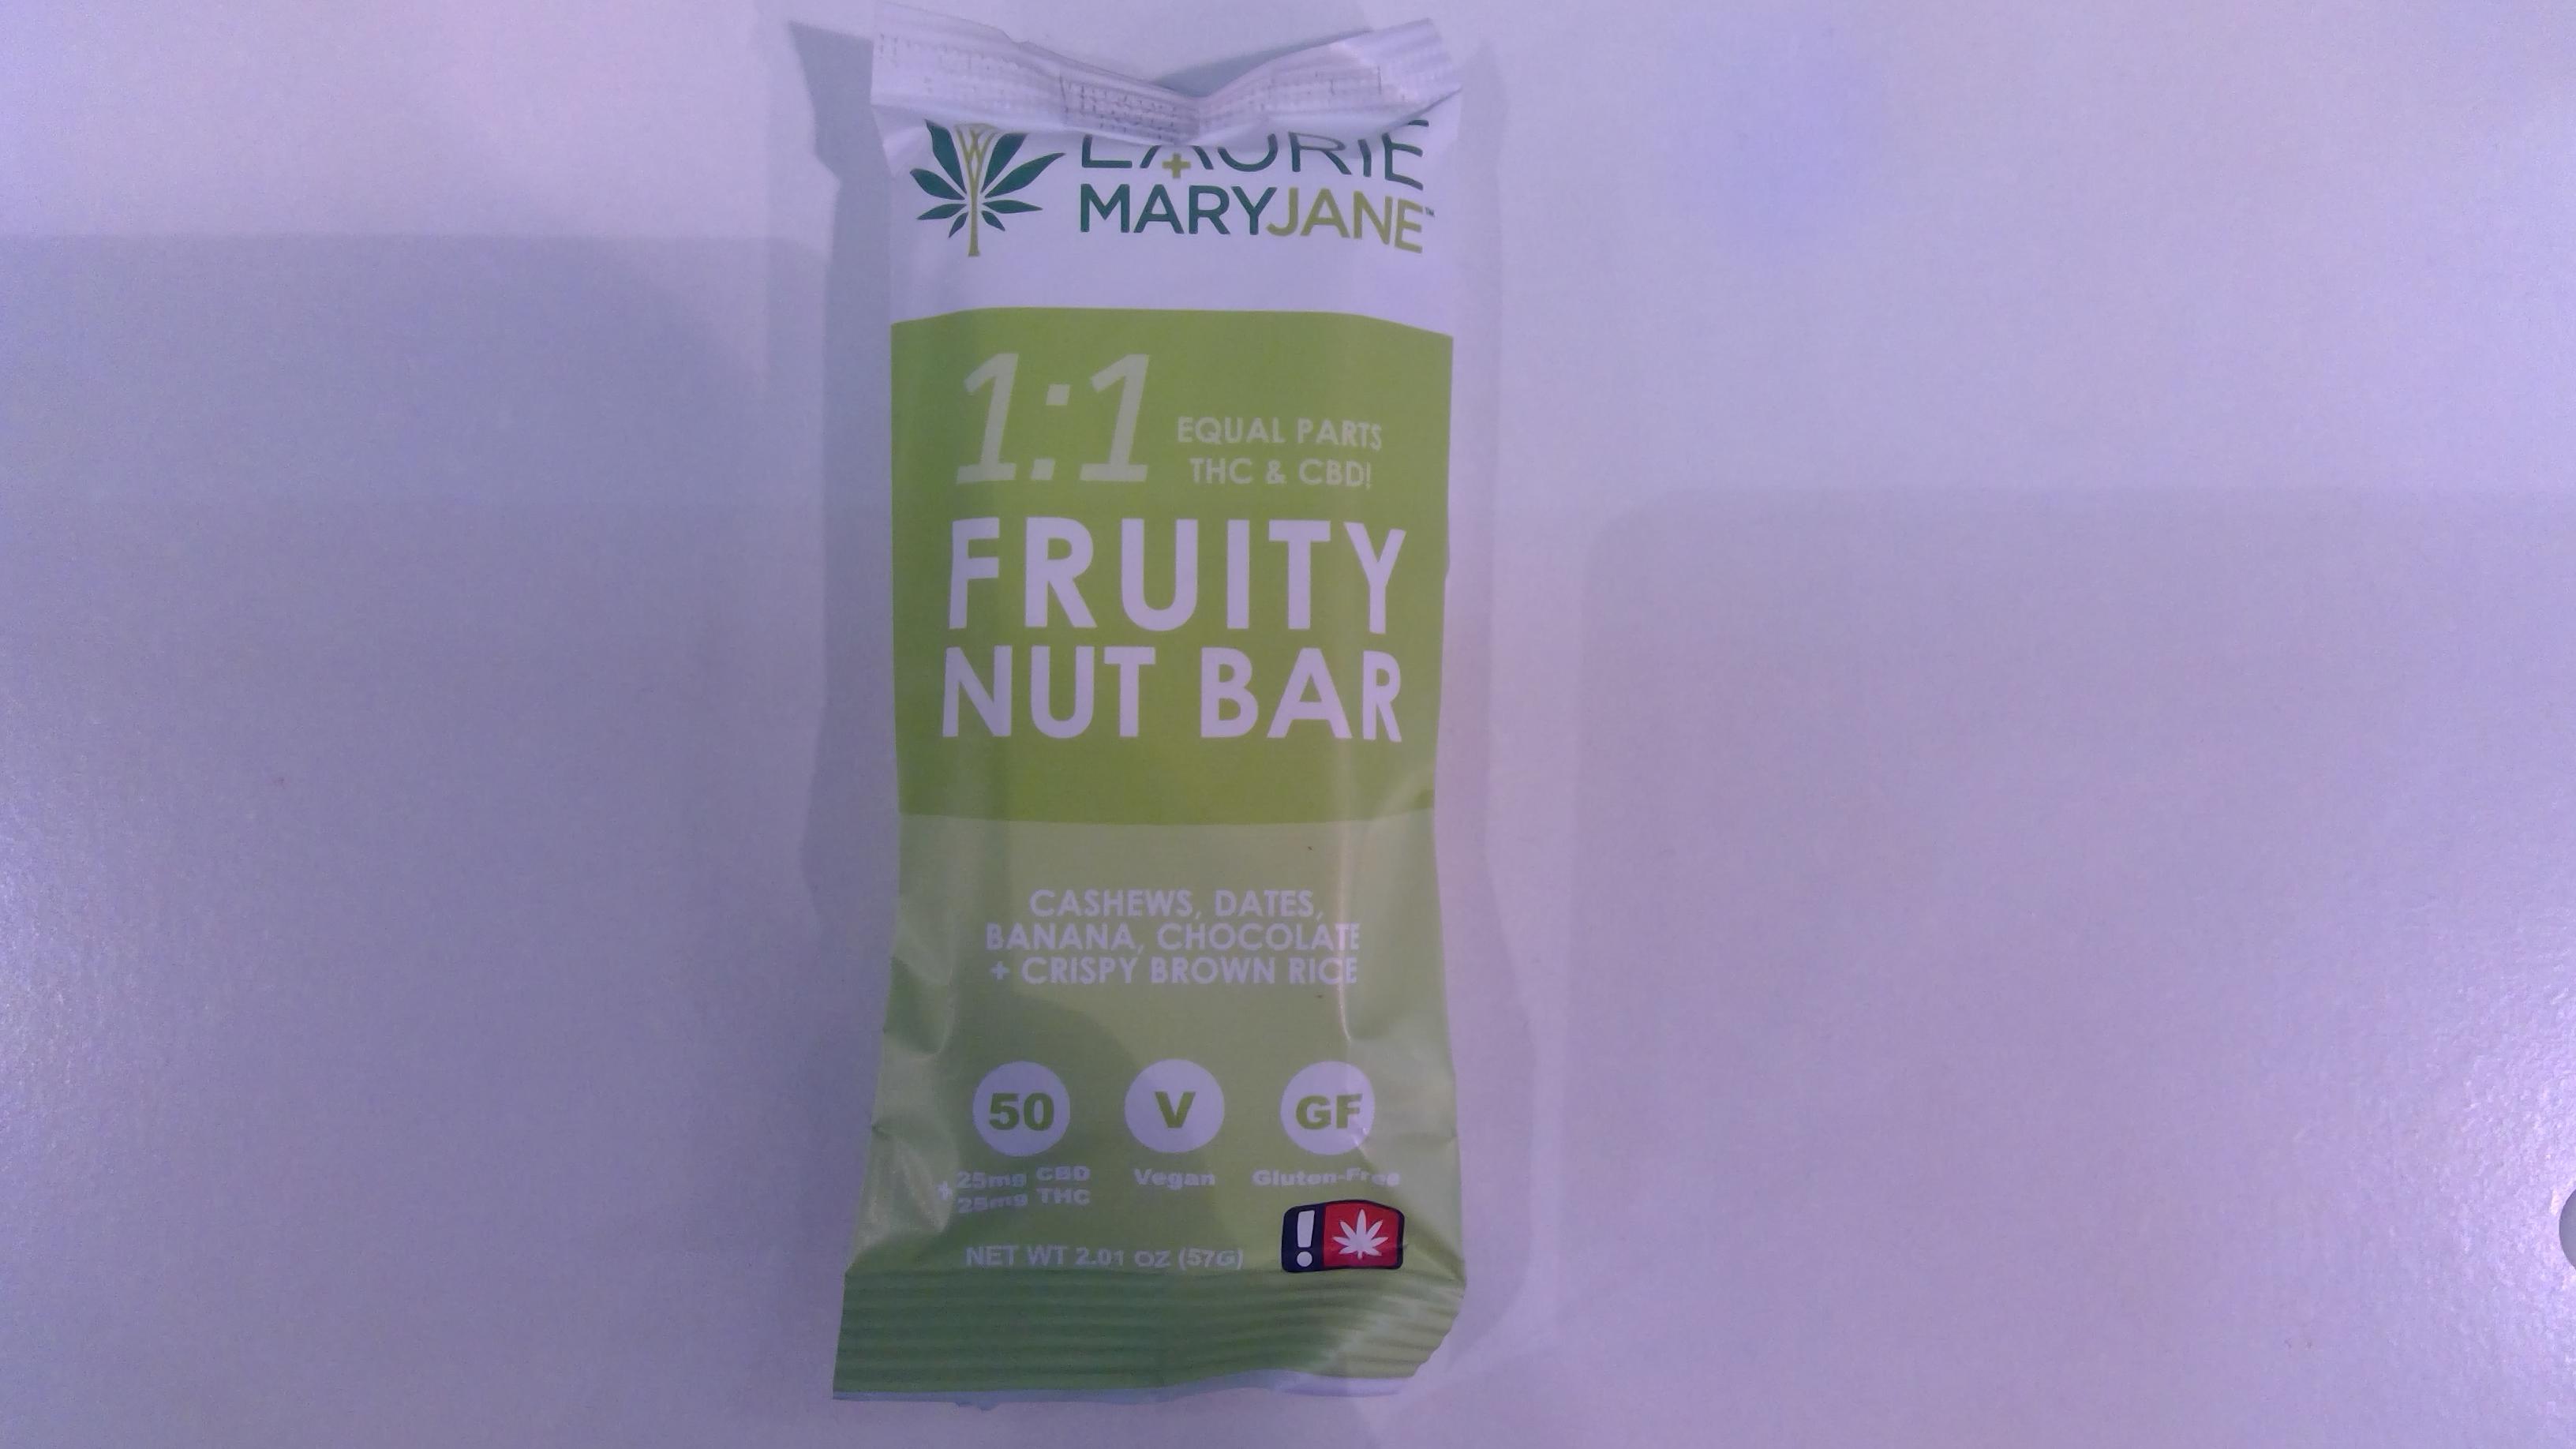 1:1 Fruity Nut Bar image